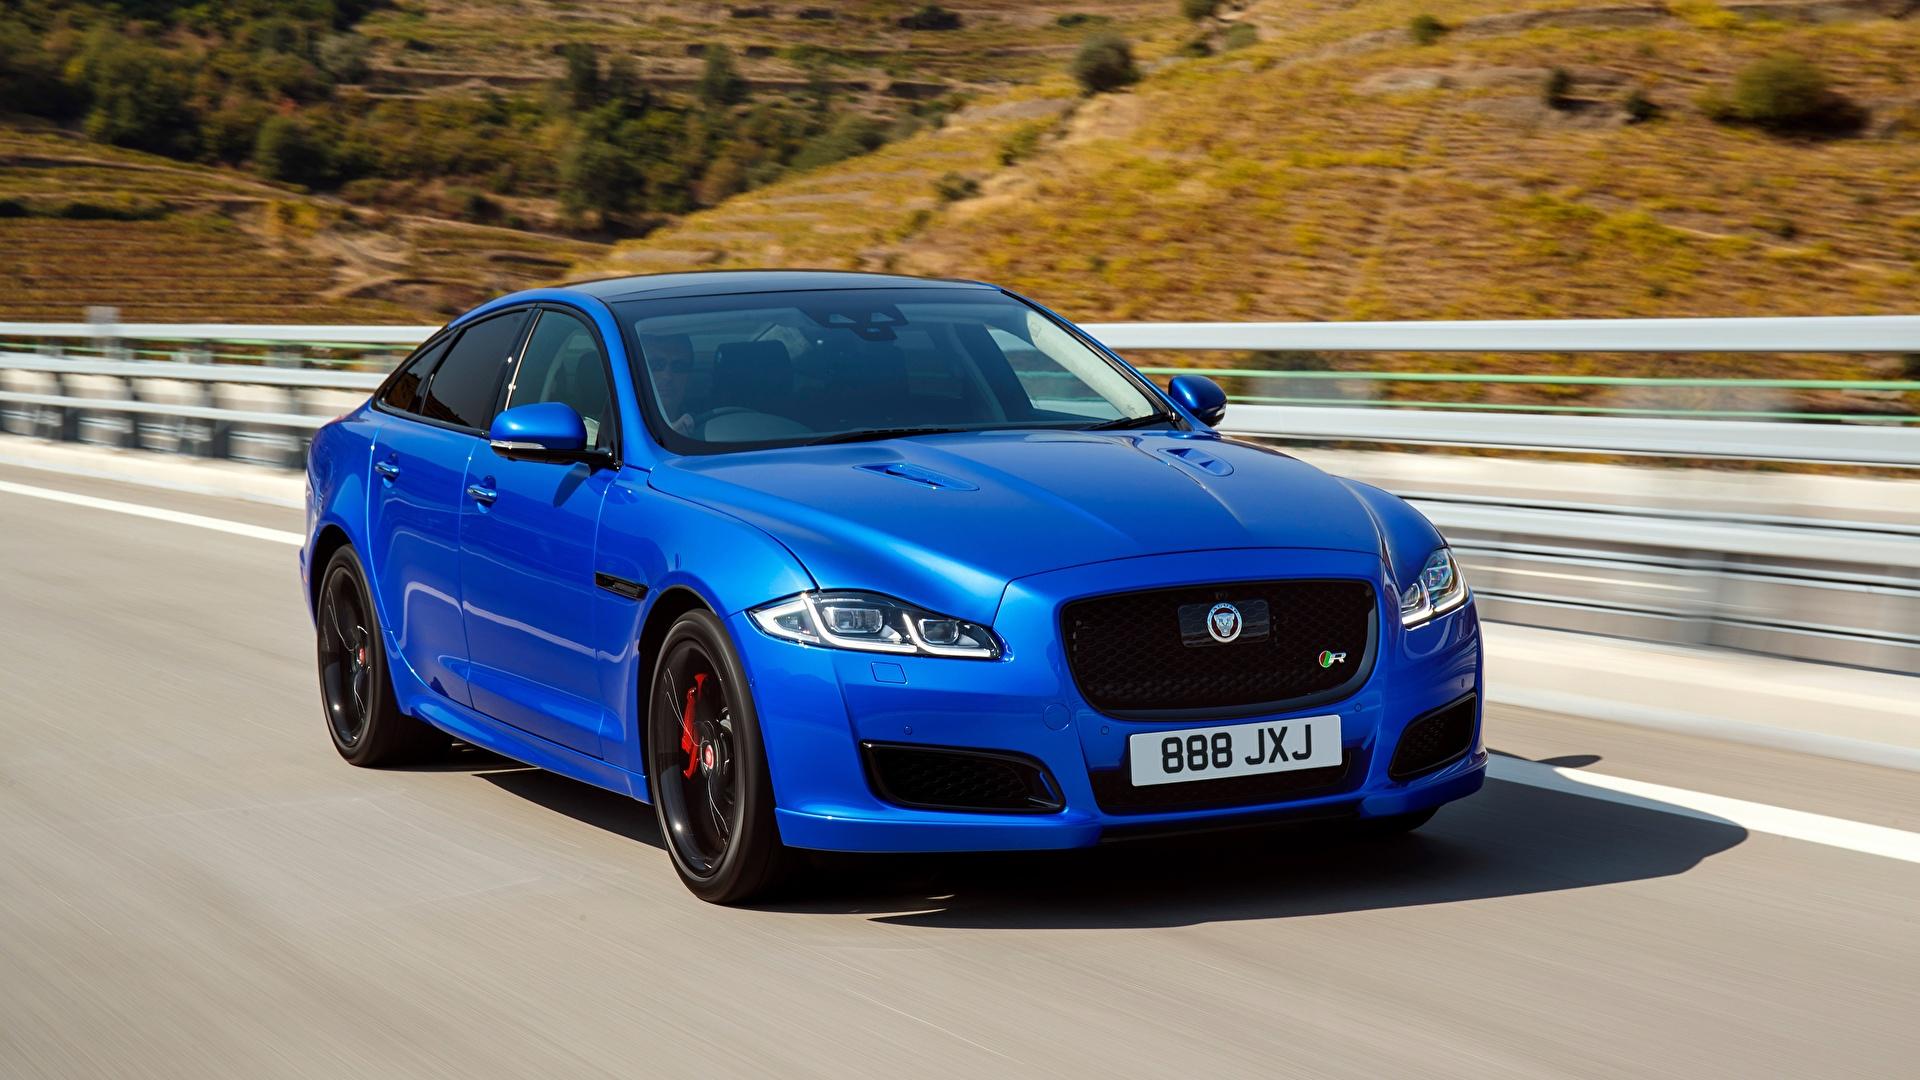 Фотография Ягуар боке Седан синяя скорость машина 1920x1080 Jaguar Размытый фон Синий синие синих едет едущий едущая Движение авто машины Автомобили автомобиль